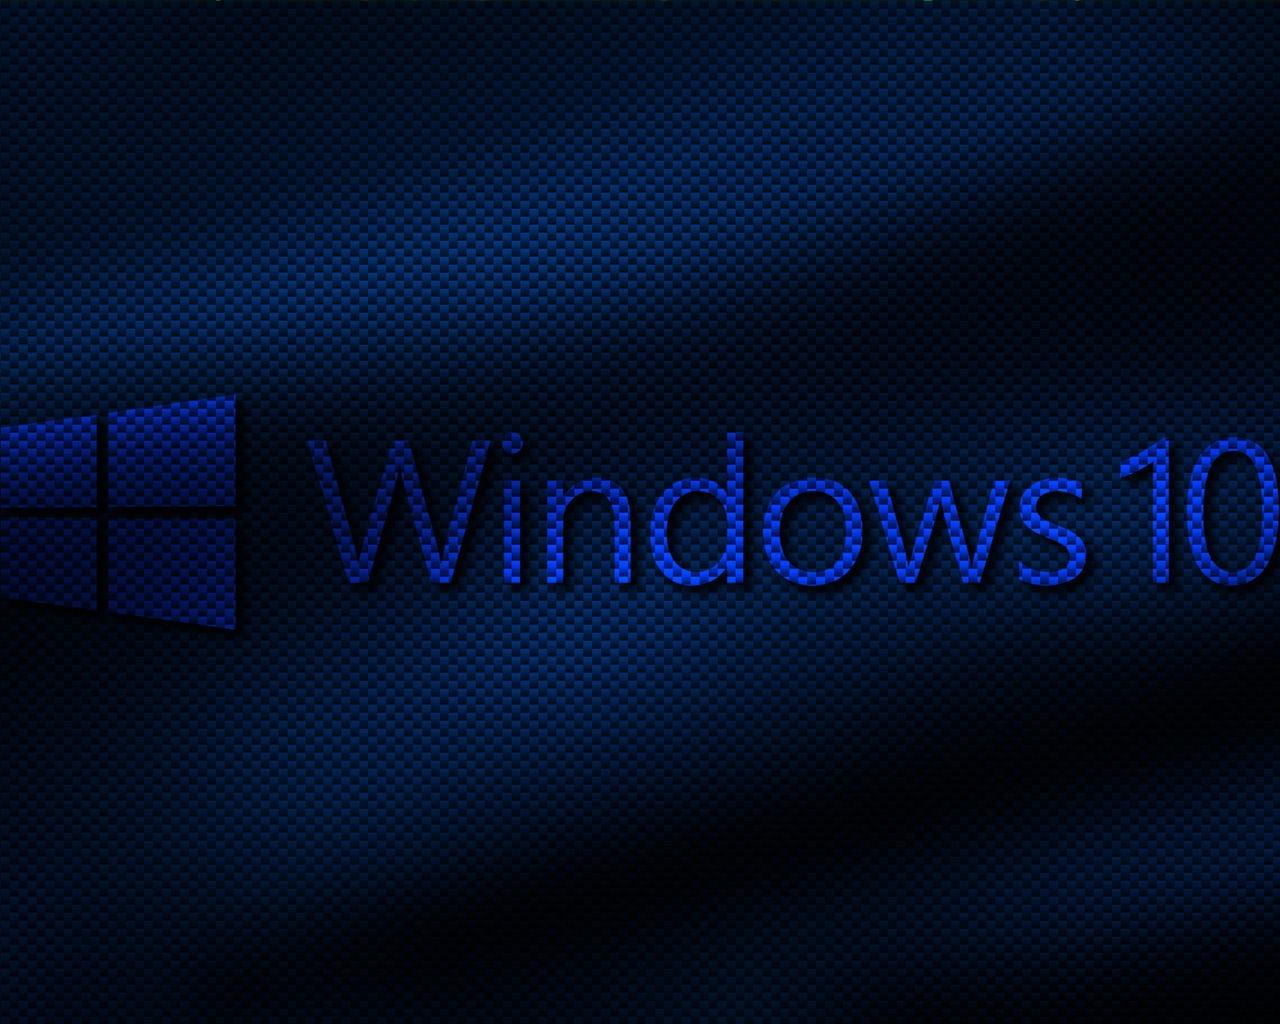 Free Download Windows 10 Hd Theme Desktop Wallpaper 17